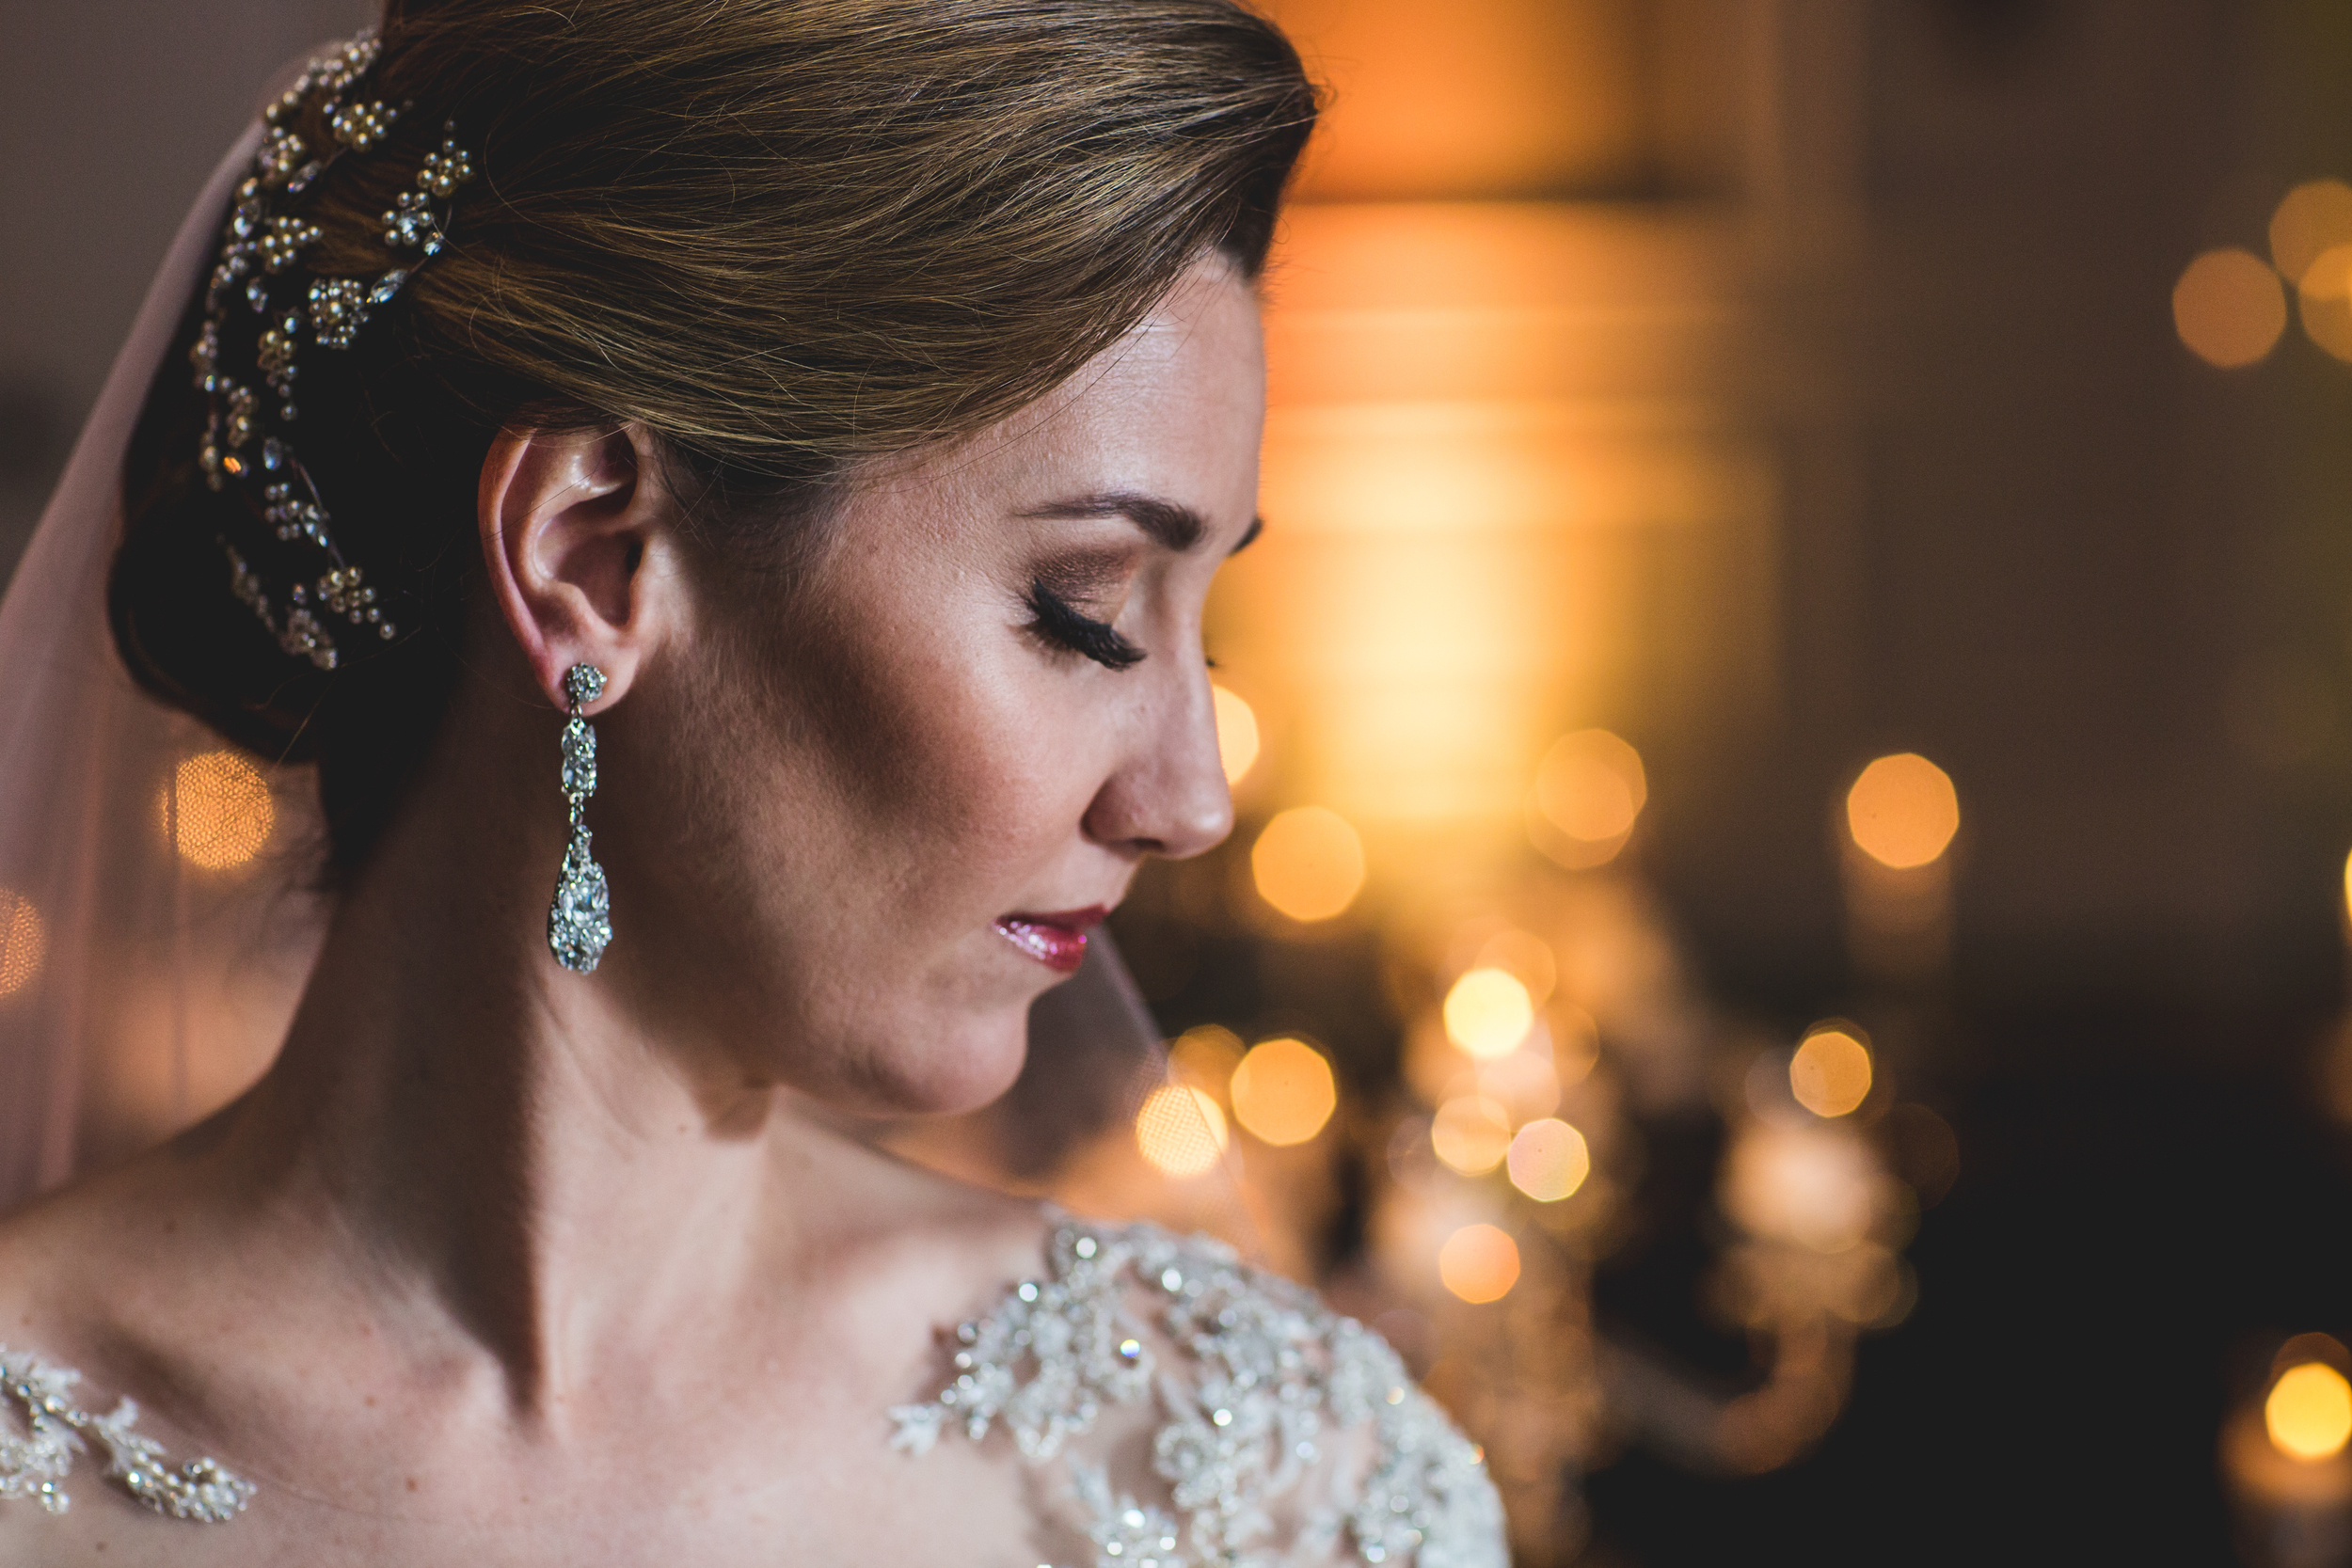 One Love at the Ritz Carlton | Orlando Gay Wedding Photographer